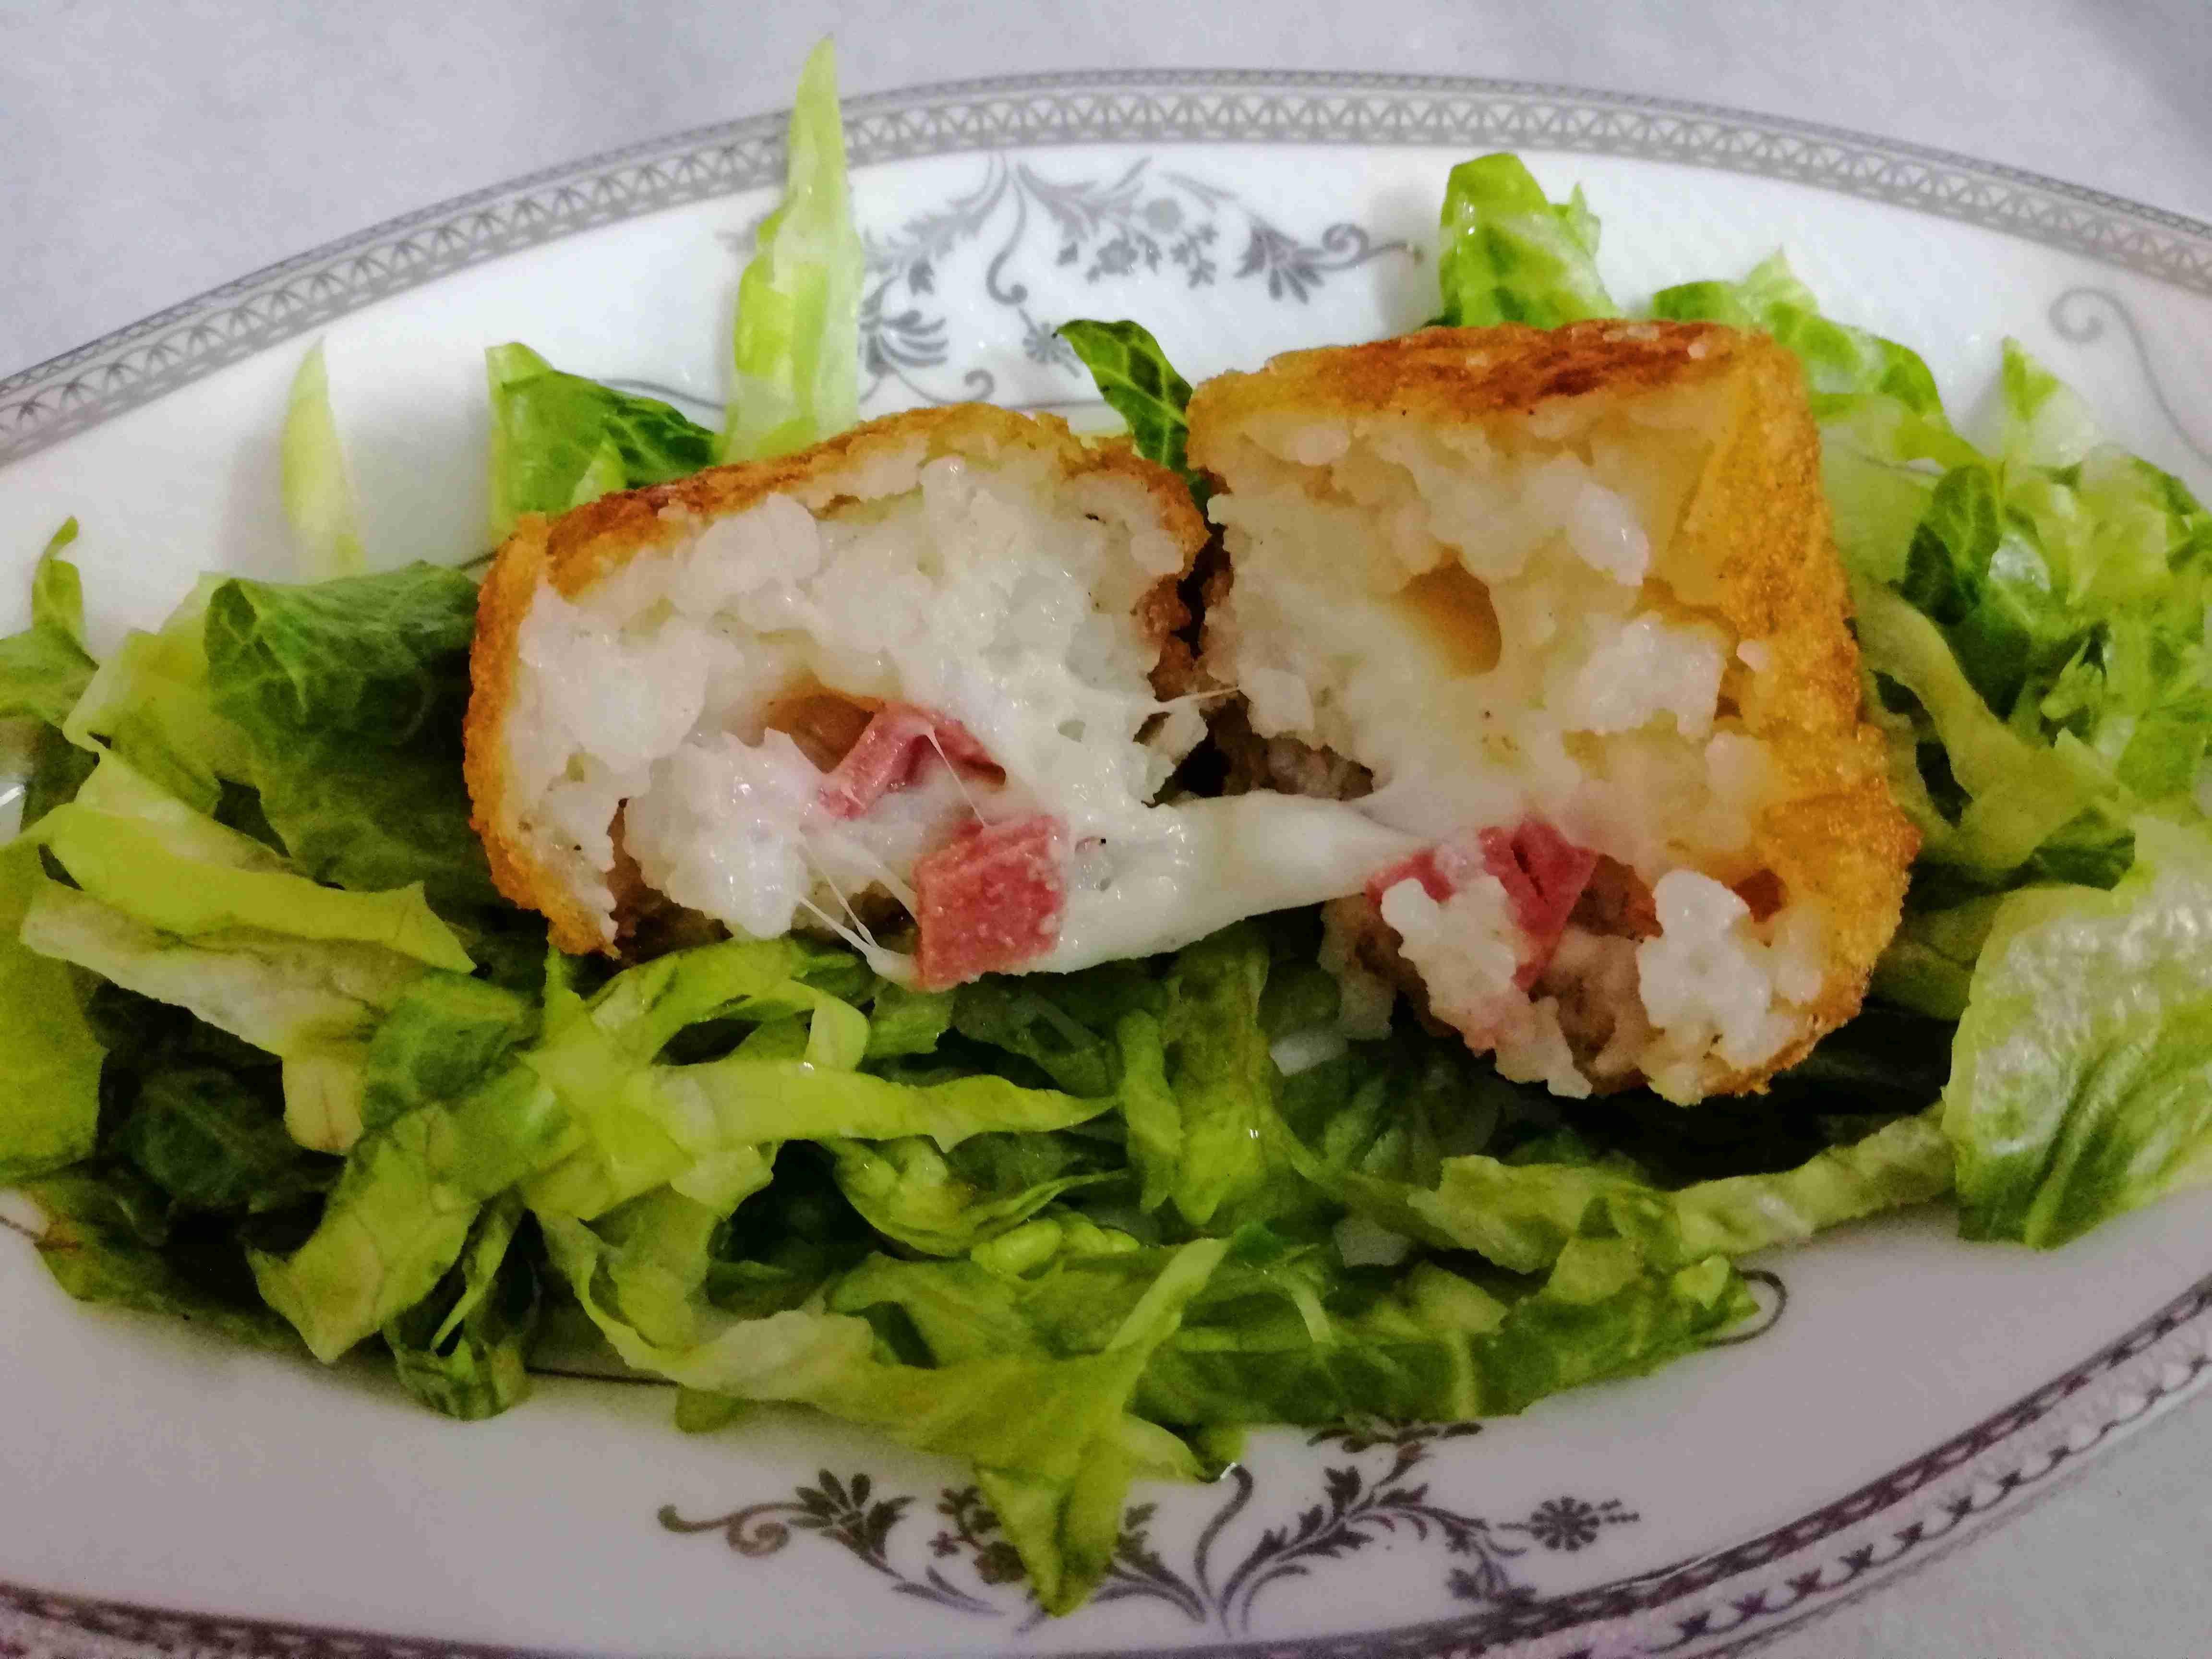 كرات الارز المقلية ملكة رمضان زاكي Recipe Food Side Plates Chicken